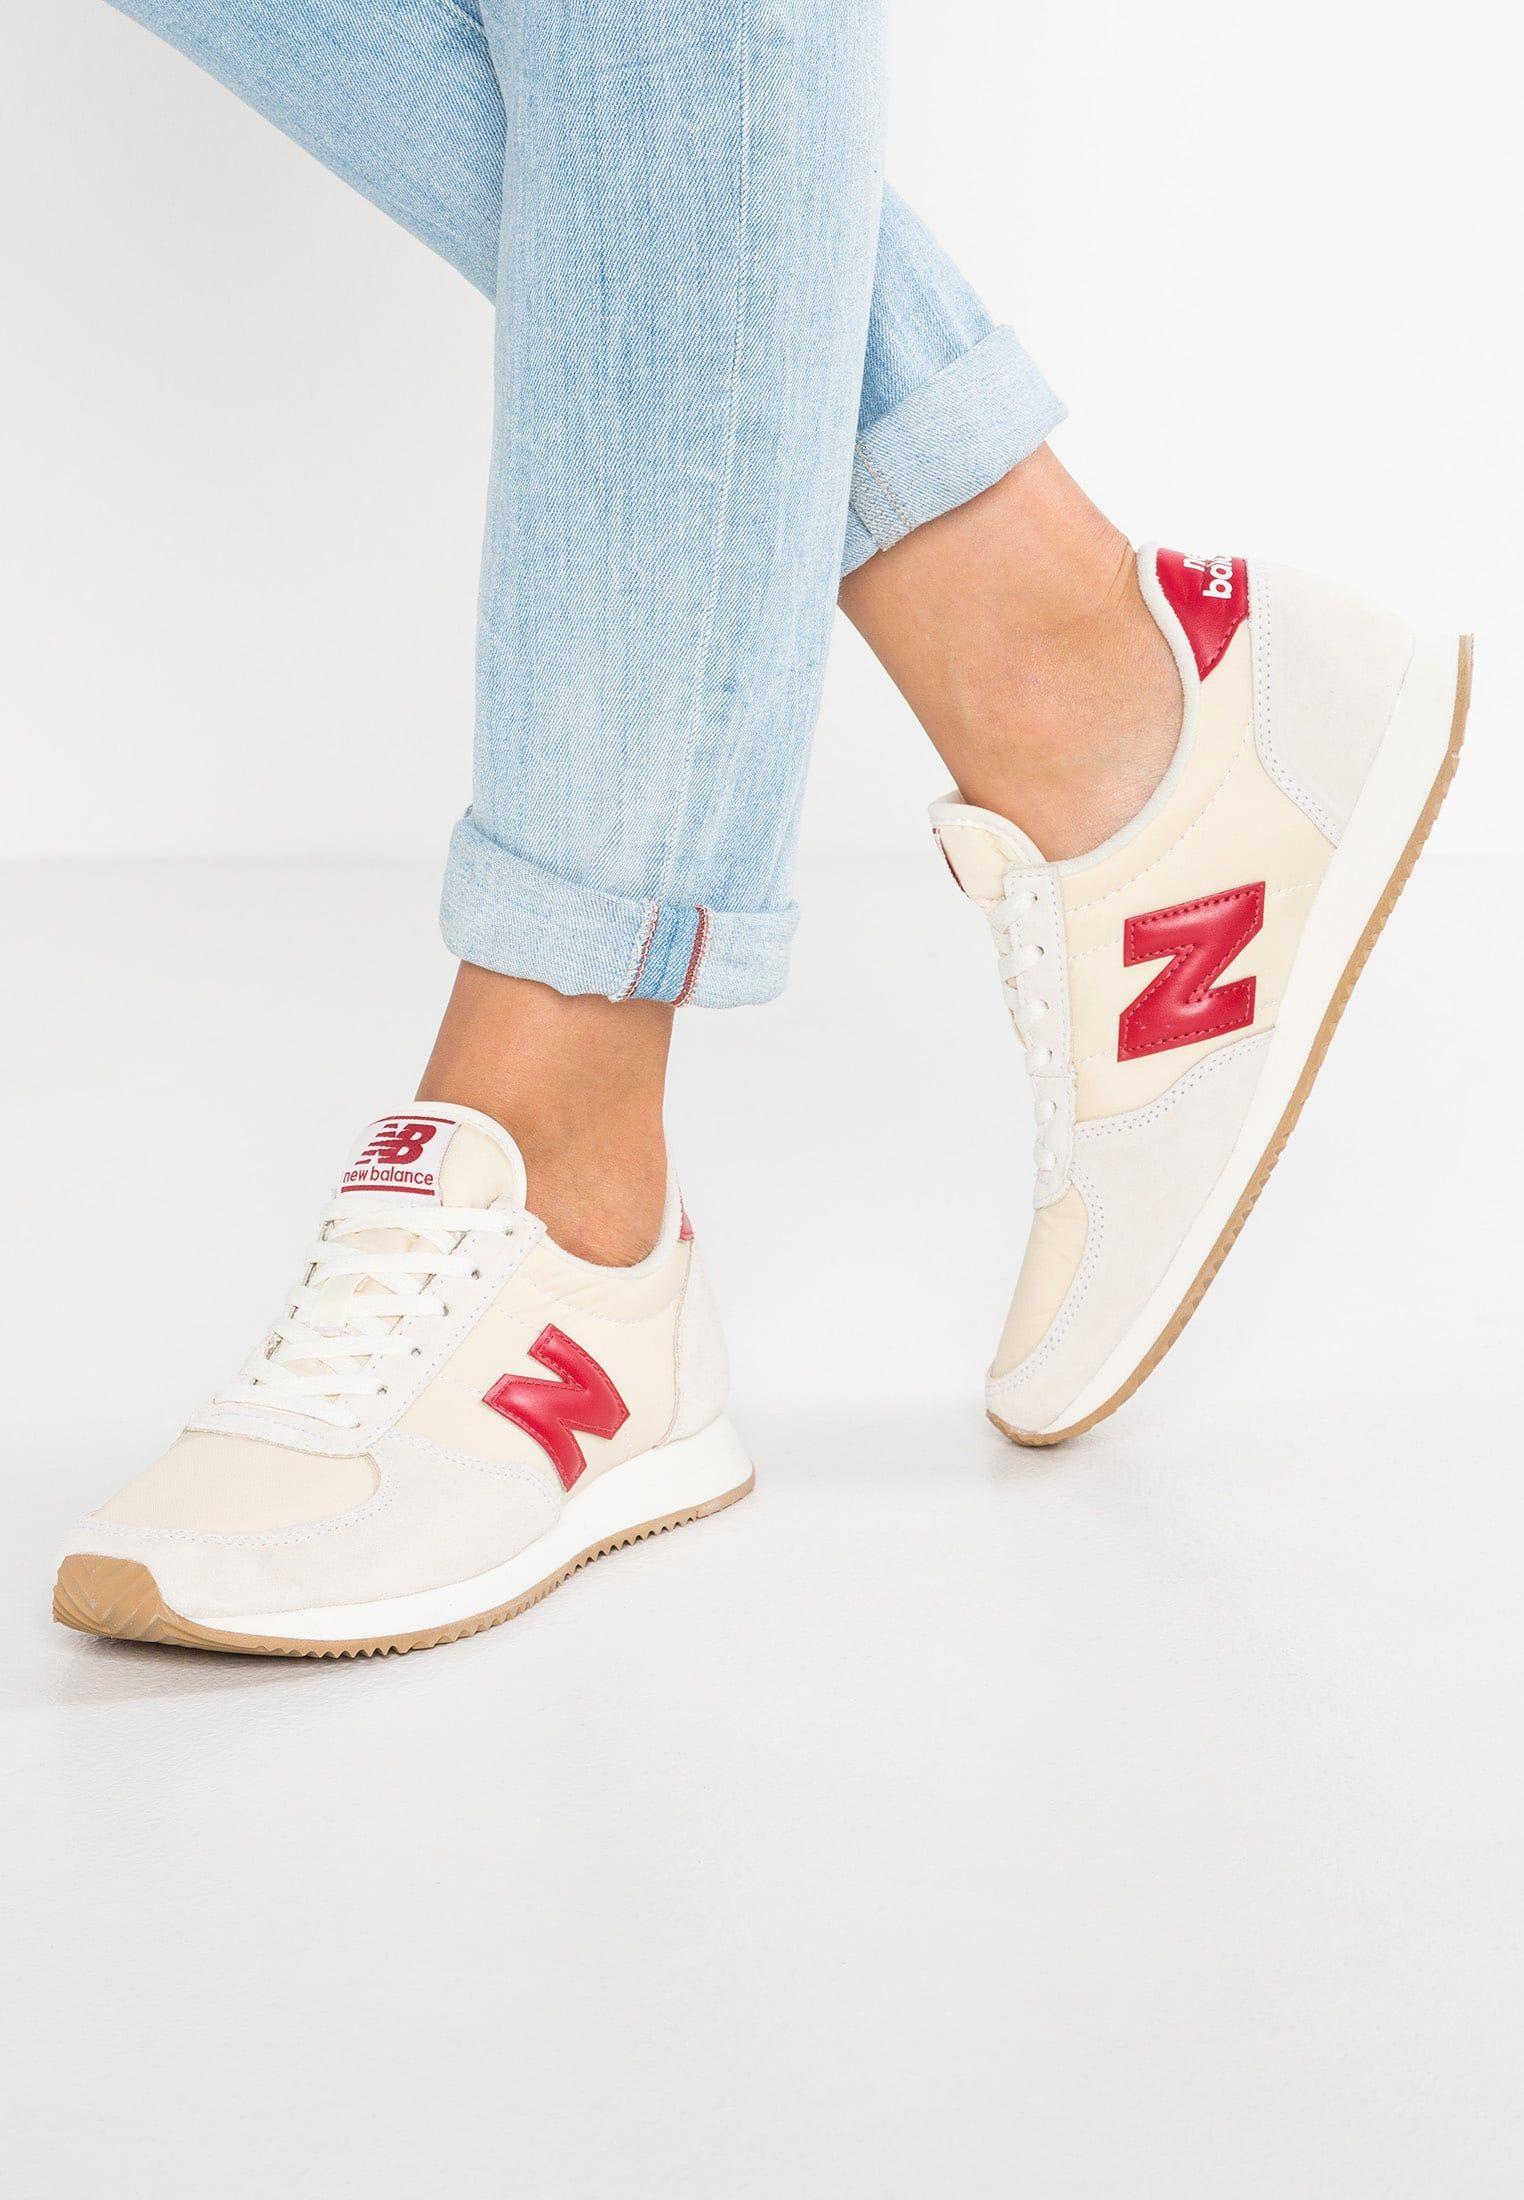 Basses Shoes Grossesse White Baskets Pinterest Wl220 5qtXx